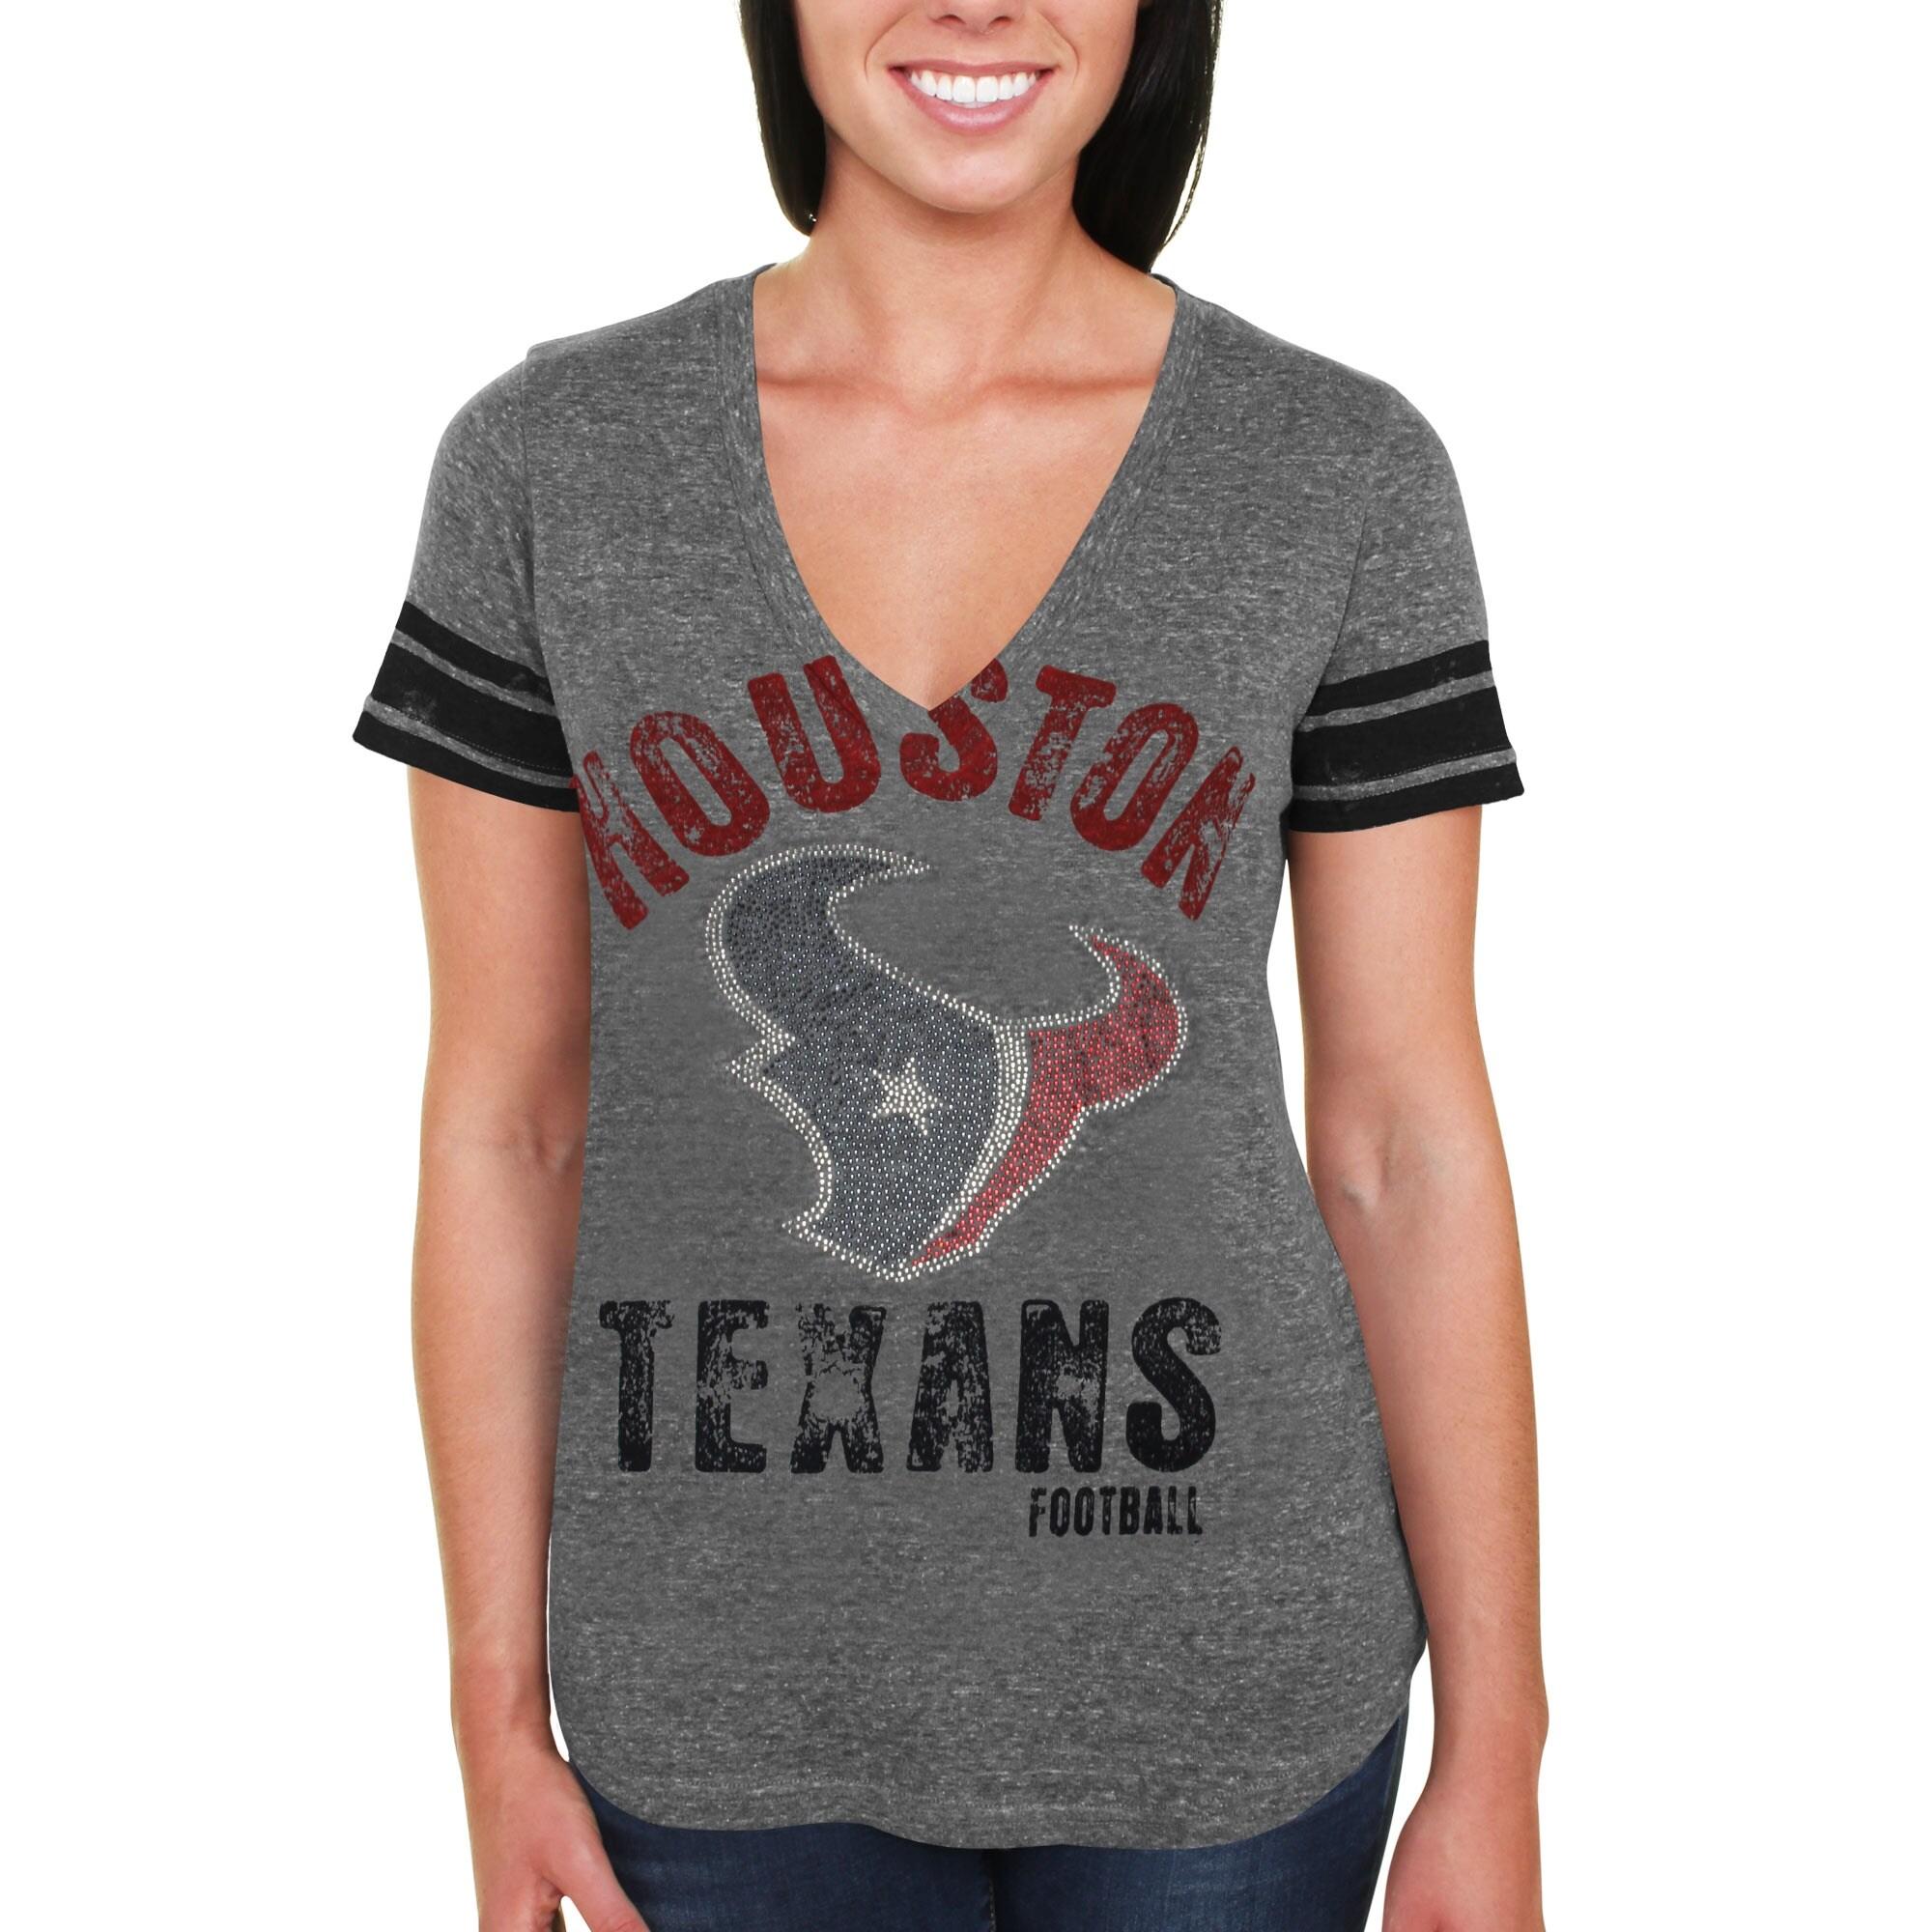 Houston Texans Women's Team Captain Tri-Blend V-Neck T-Shirt - Gray